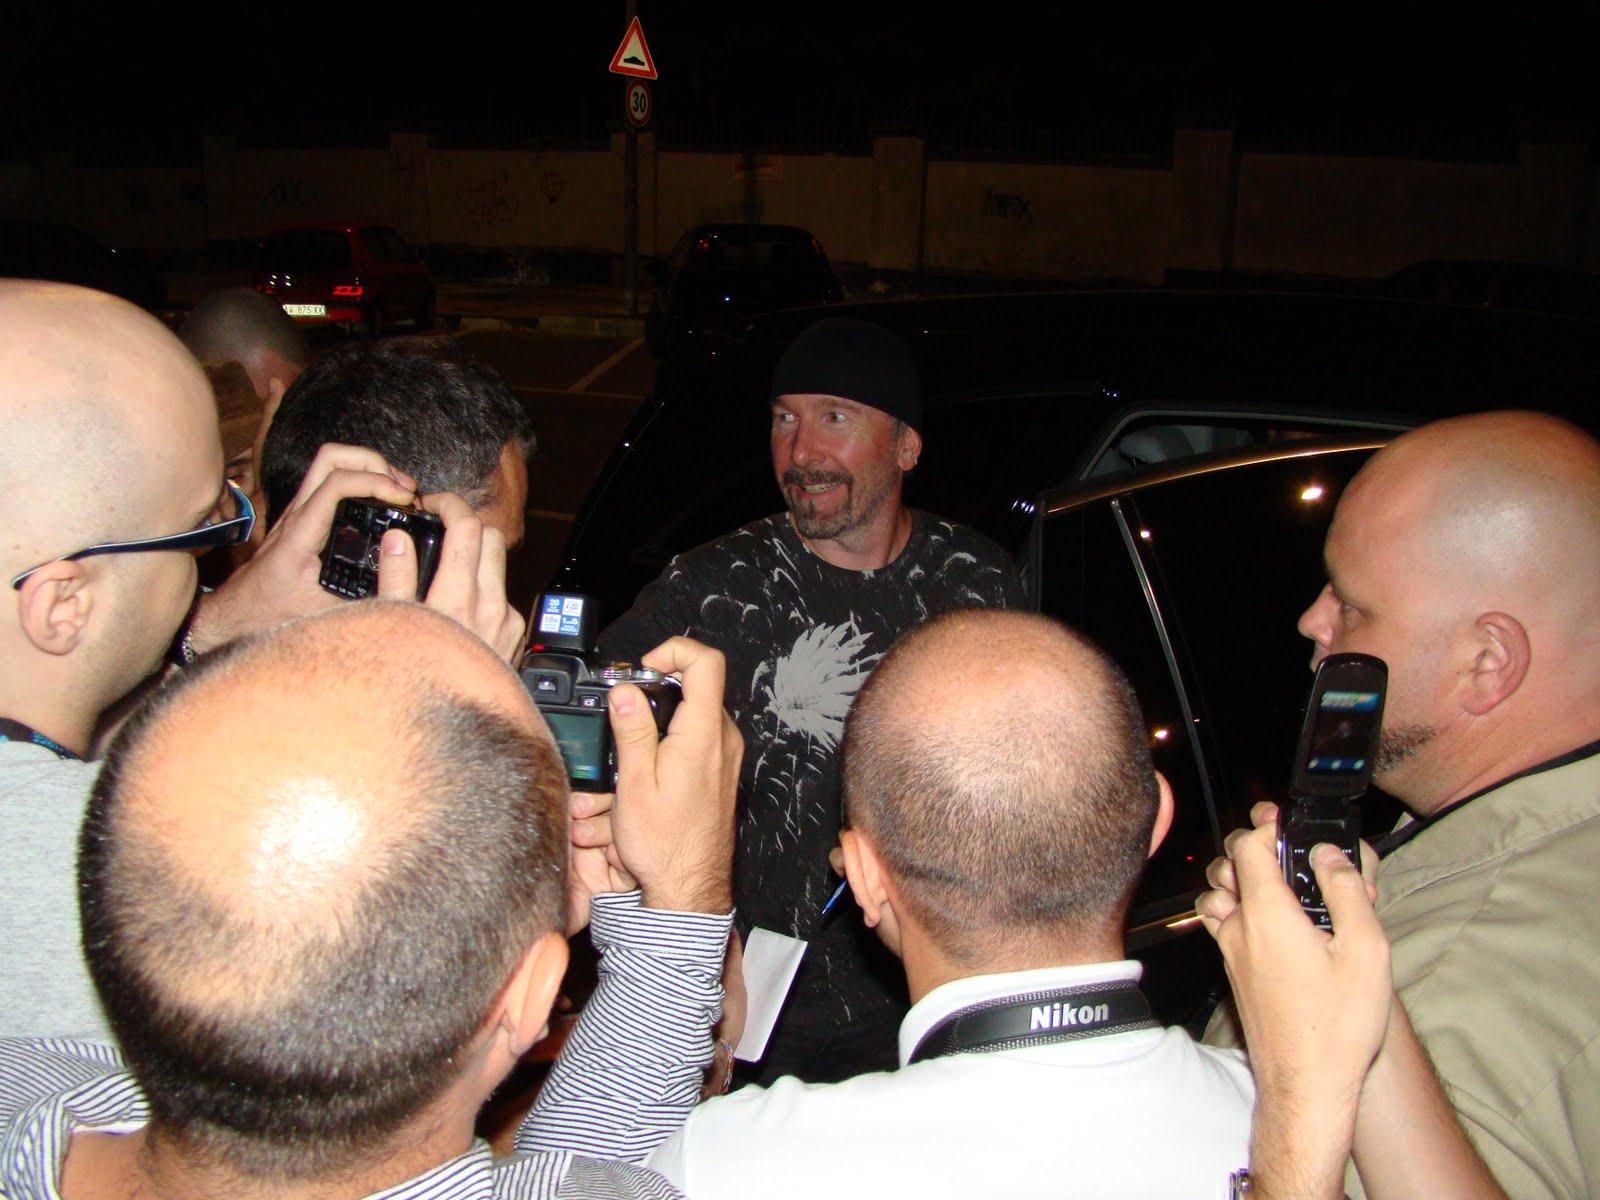 http://1.bp.blogspot.com/_nmgnXdJ3PVA/TFL9CpJSxVI/AAAAAAAAEzI/O2kf09-JLK8/s1600/The+Edge+Turin.jpg